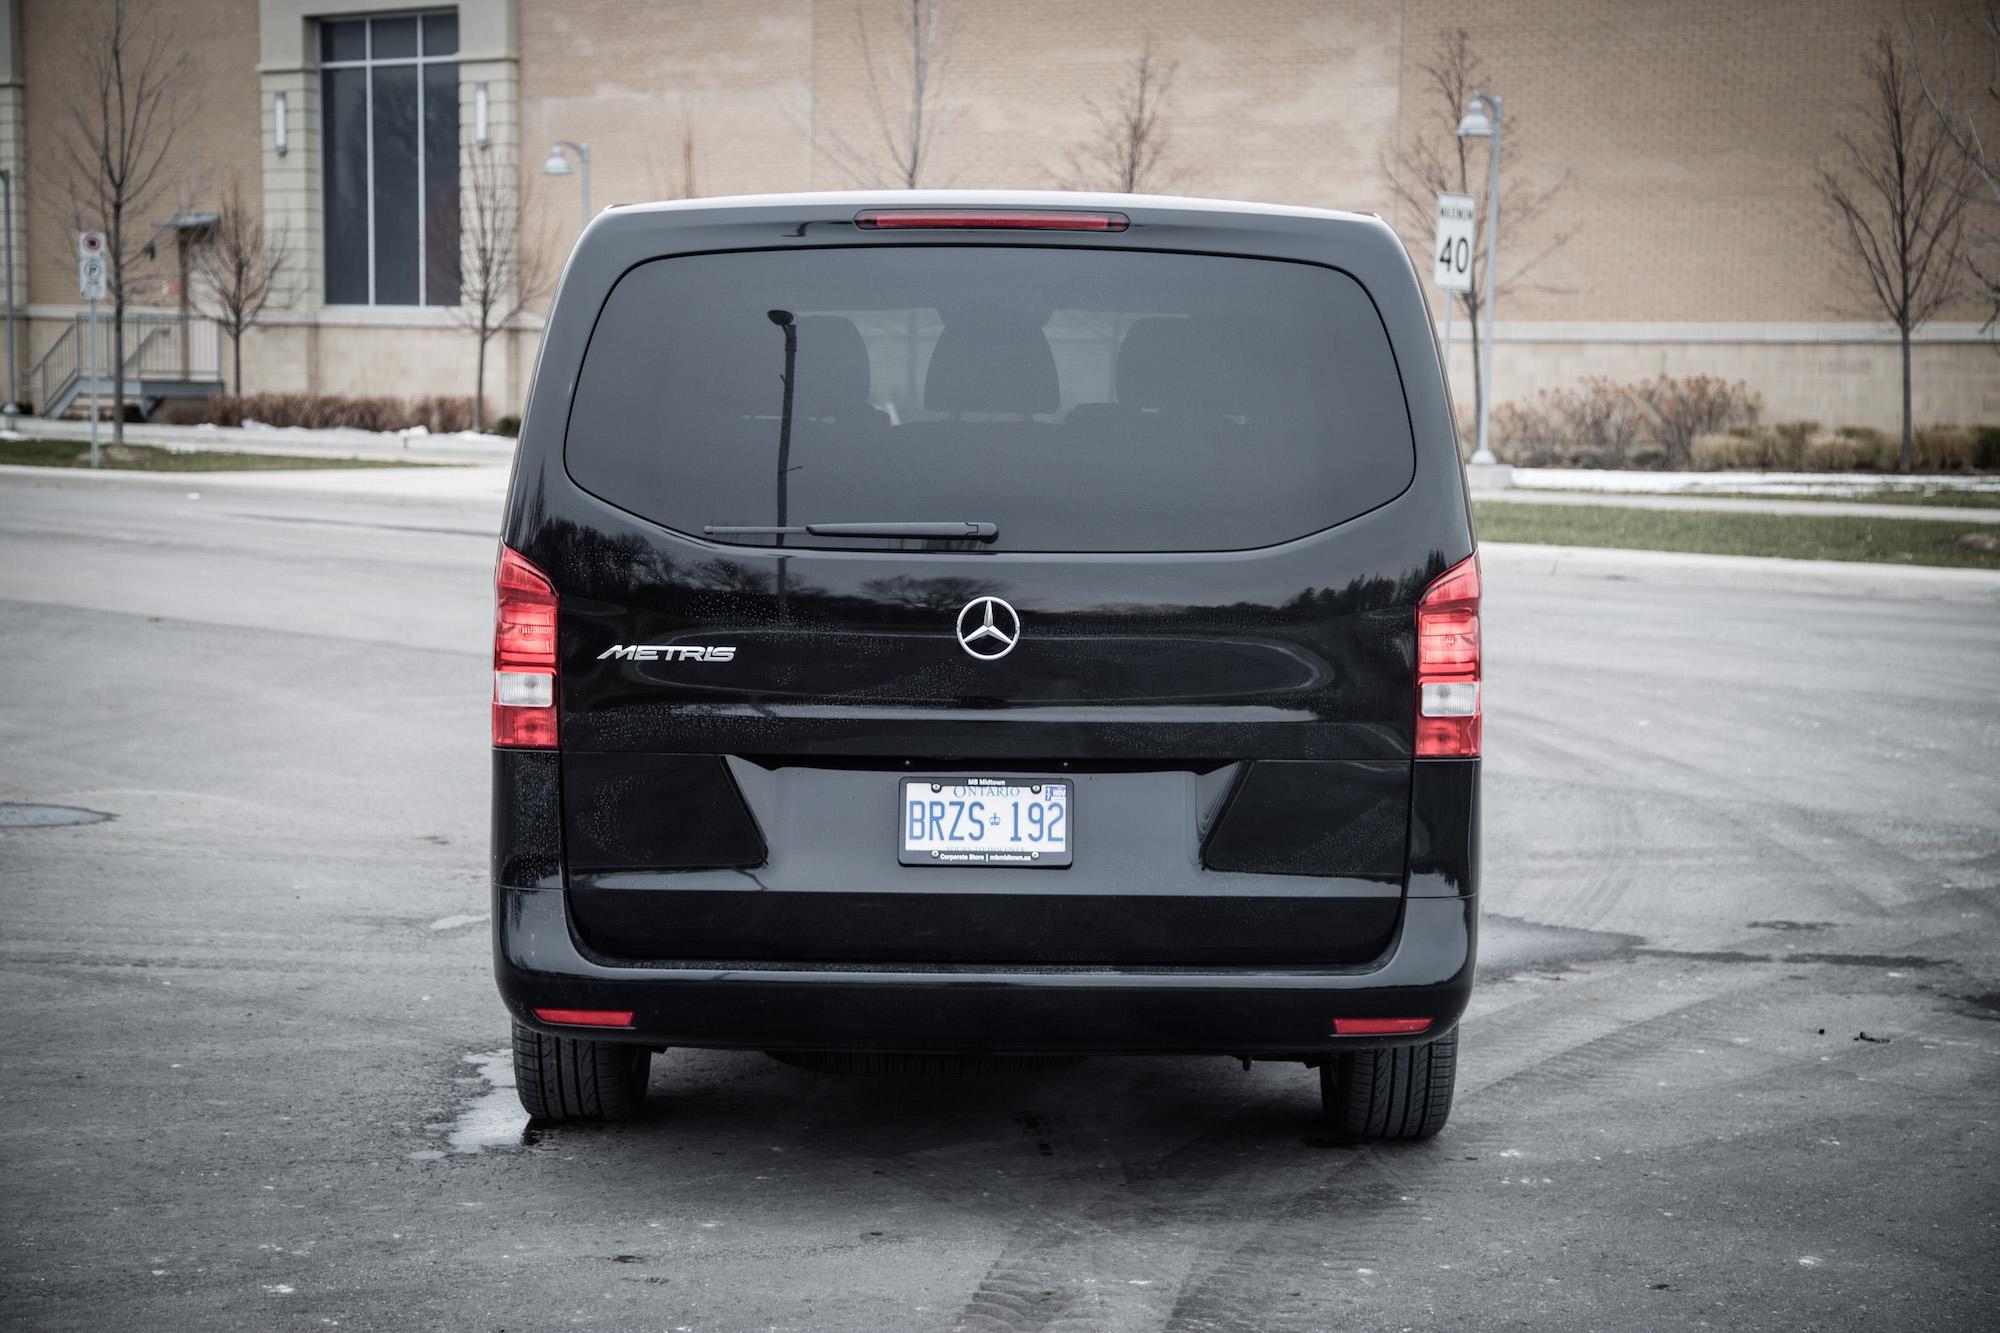 2016 metris passenger van canadian auto review for Mercedes benz metris passenger van